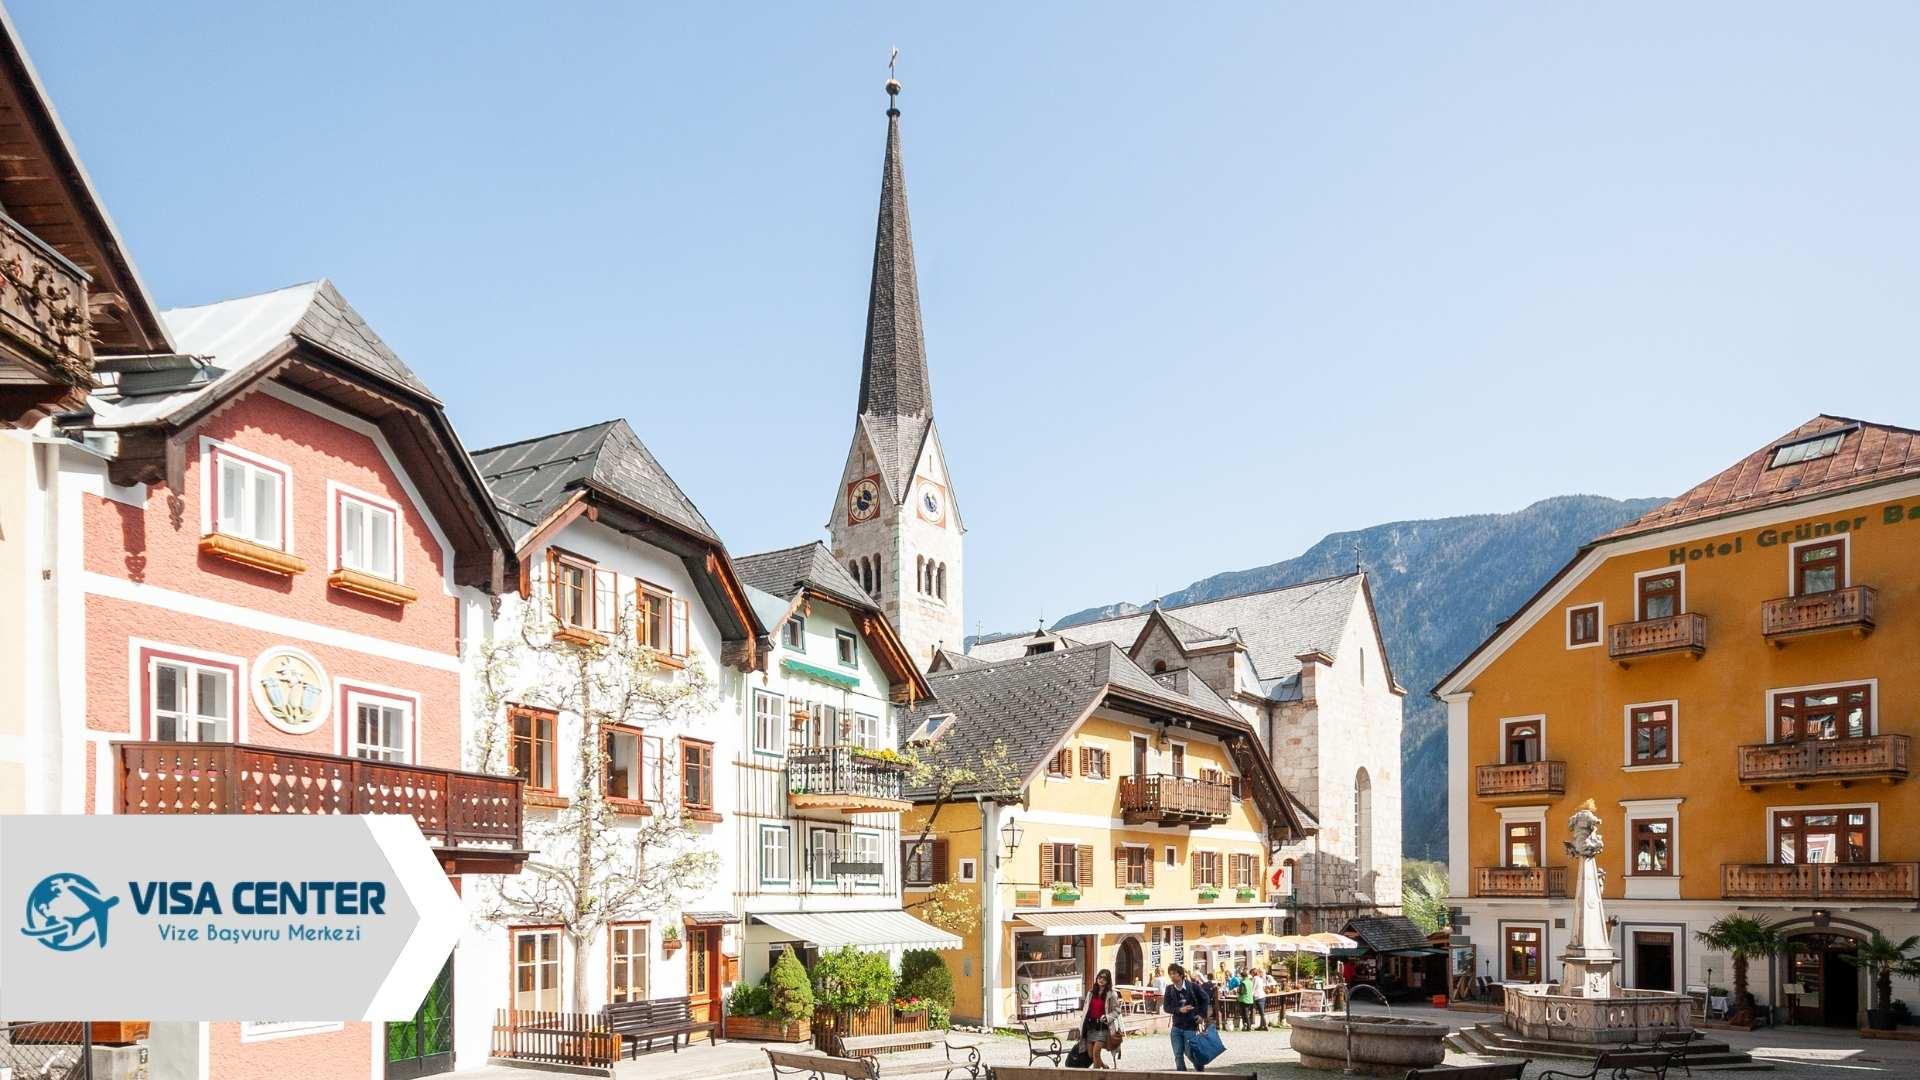 Avusturya Turist Vizesi Veriyor Mu?